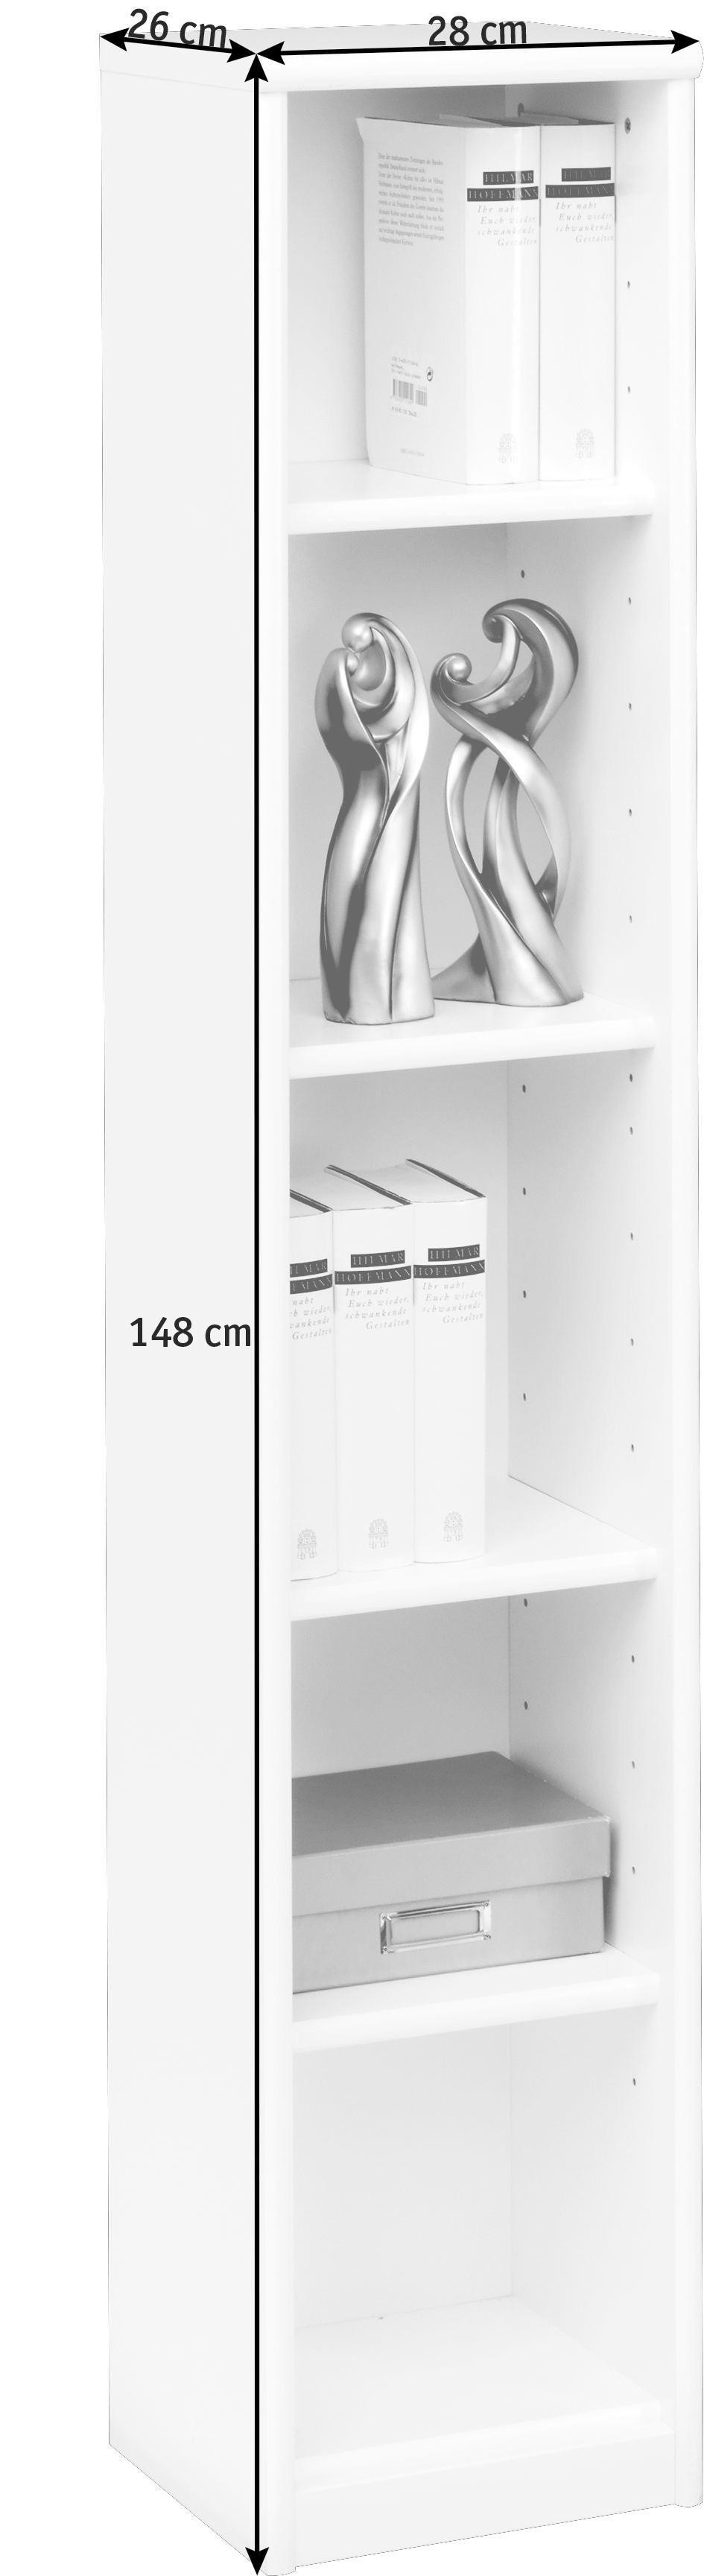 REGAL in Weiß - Weiß, KONVENTIONELL, Holzwerkstoff (28/148/26cm) - CS SCHMAL